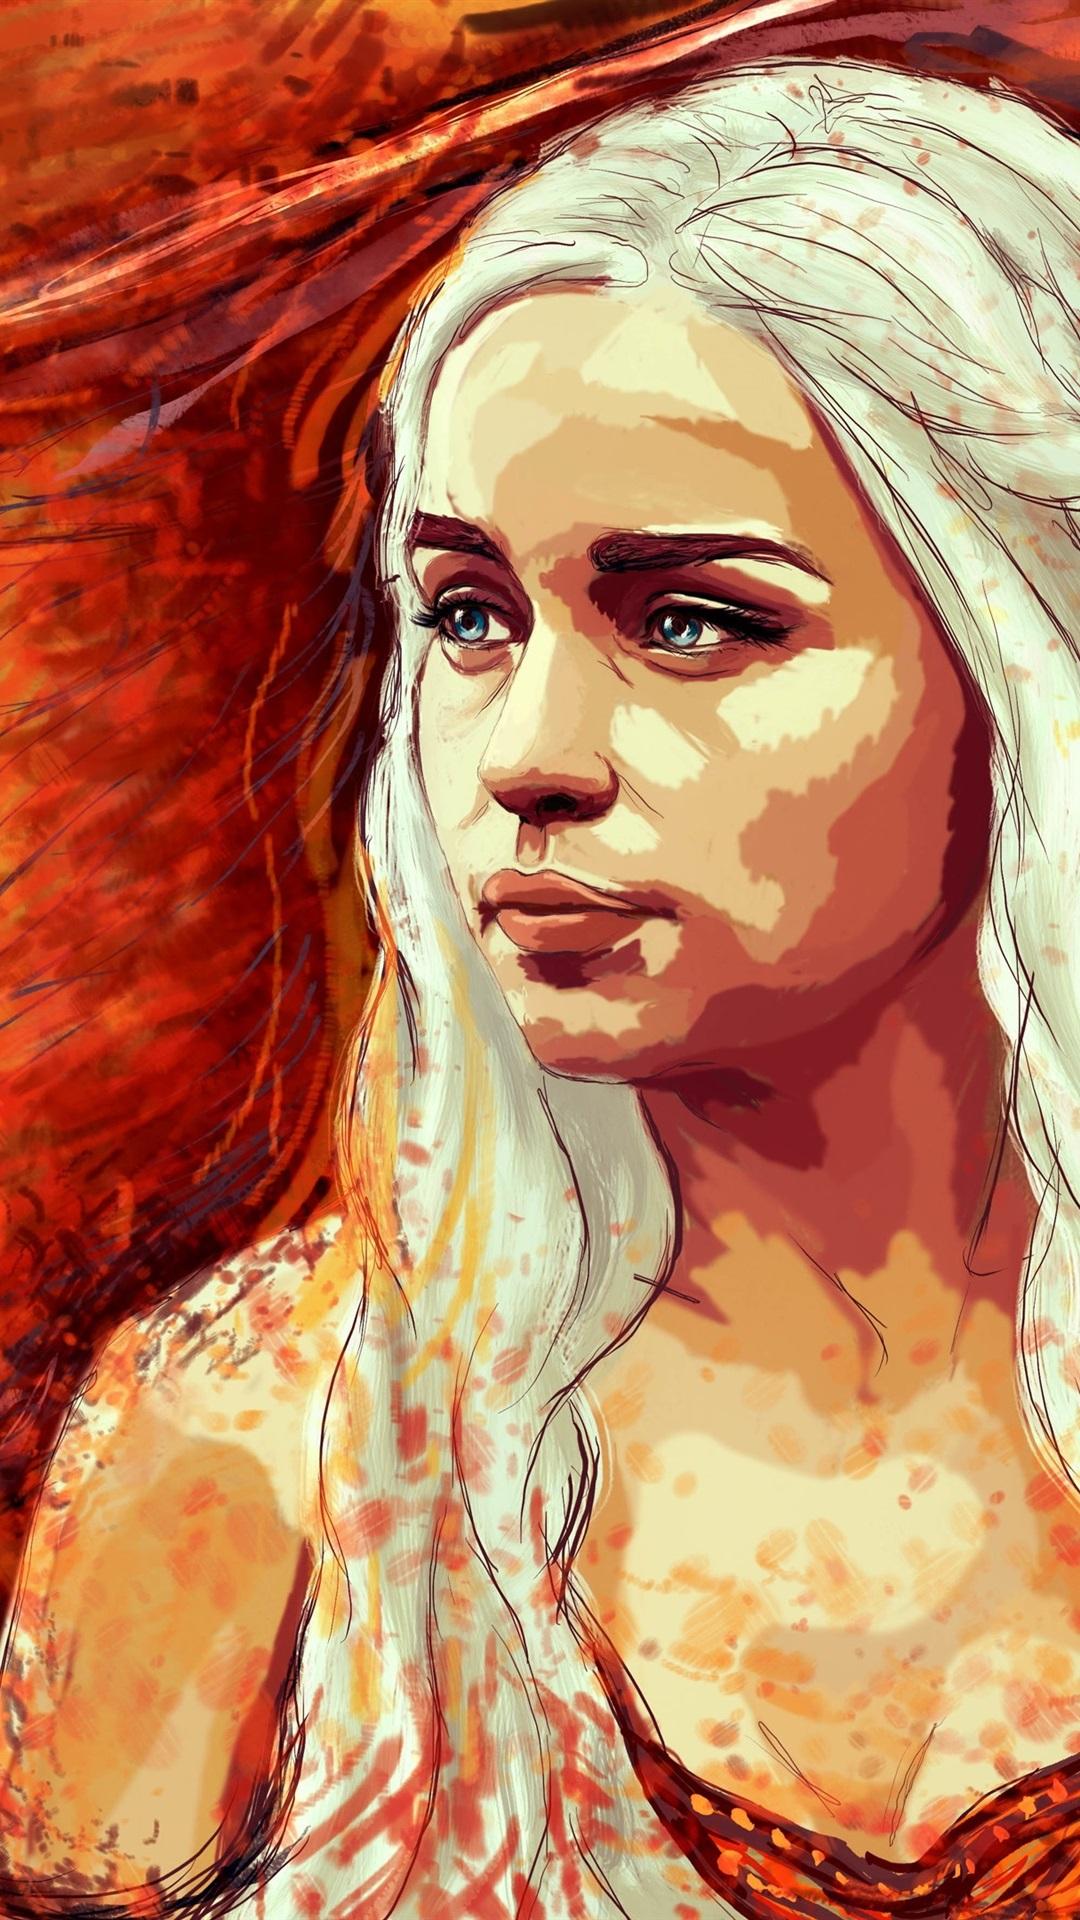 Iphone Wallpaper Game Of Thrones, Emilia Clarke, Art - Emilia Clarke Art Game Of Thrones - HD Wallpaper